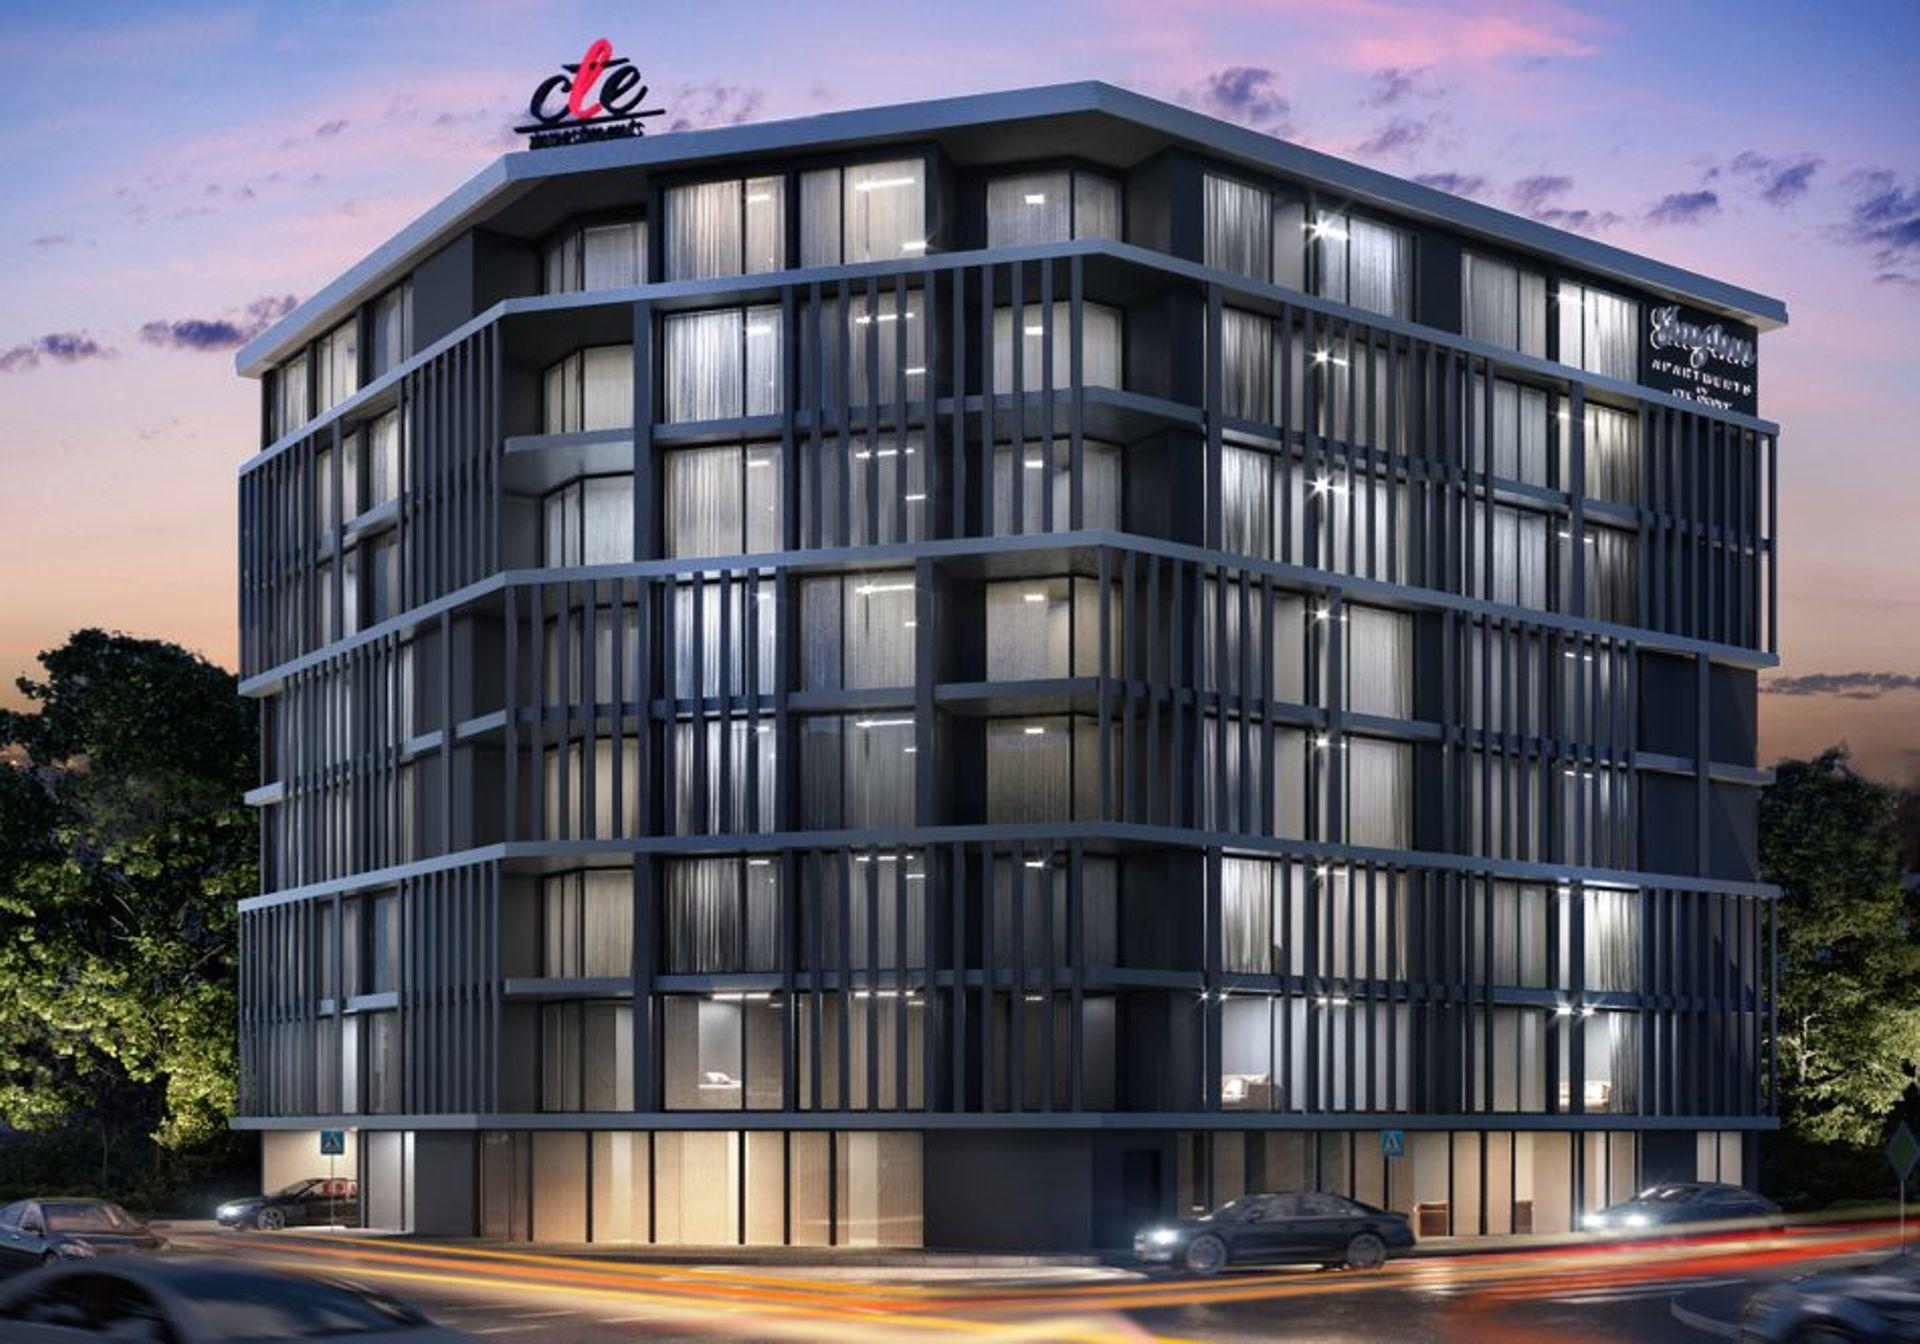 Wrocław: Stay Inn Apartments – CTE zamieni szkieletora na Szczepinie w biznesowy aparthotel